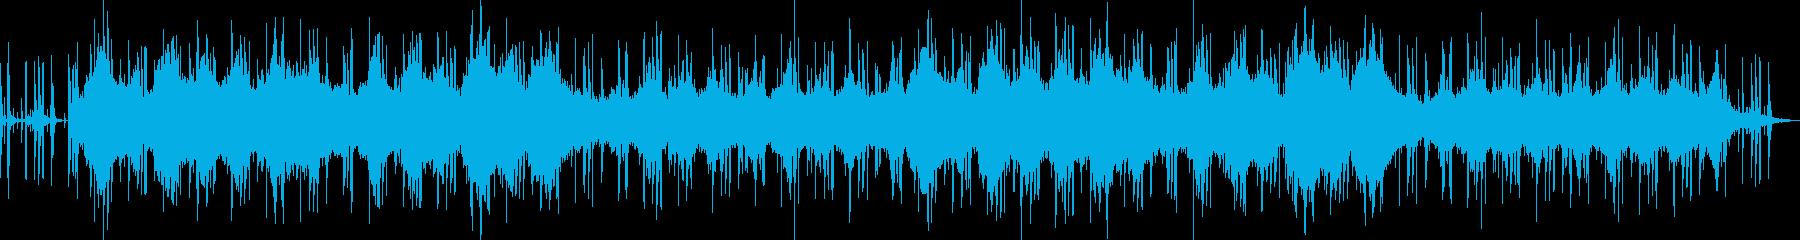 ローファイヒップホップ アンビエントの再生済みの波形